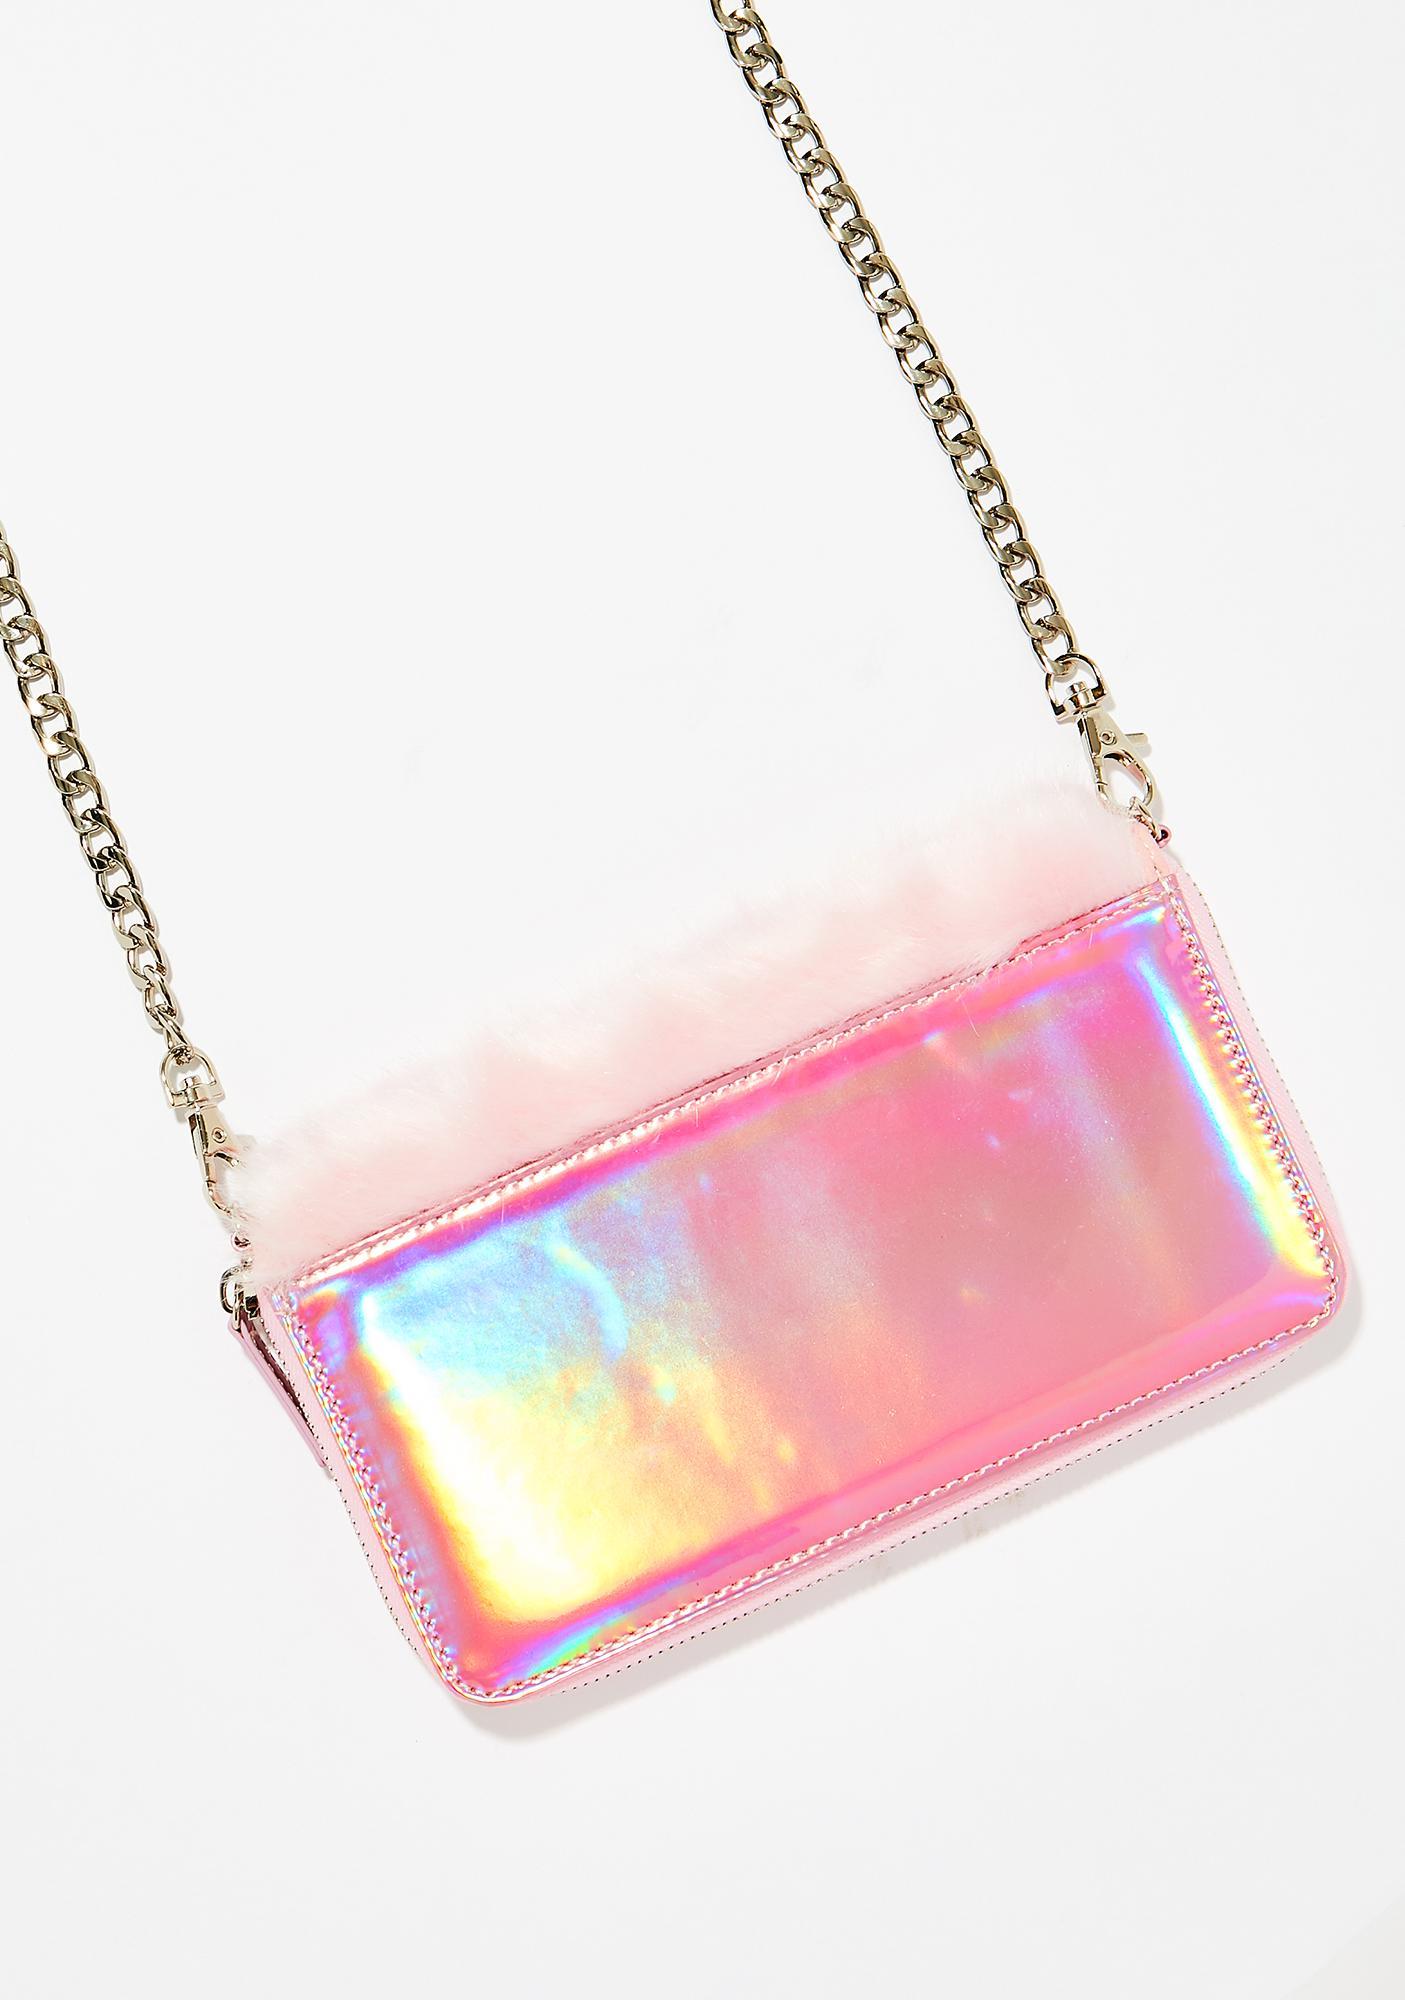 Sugar Thrillz Shagadelic Wallet Crossbody